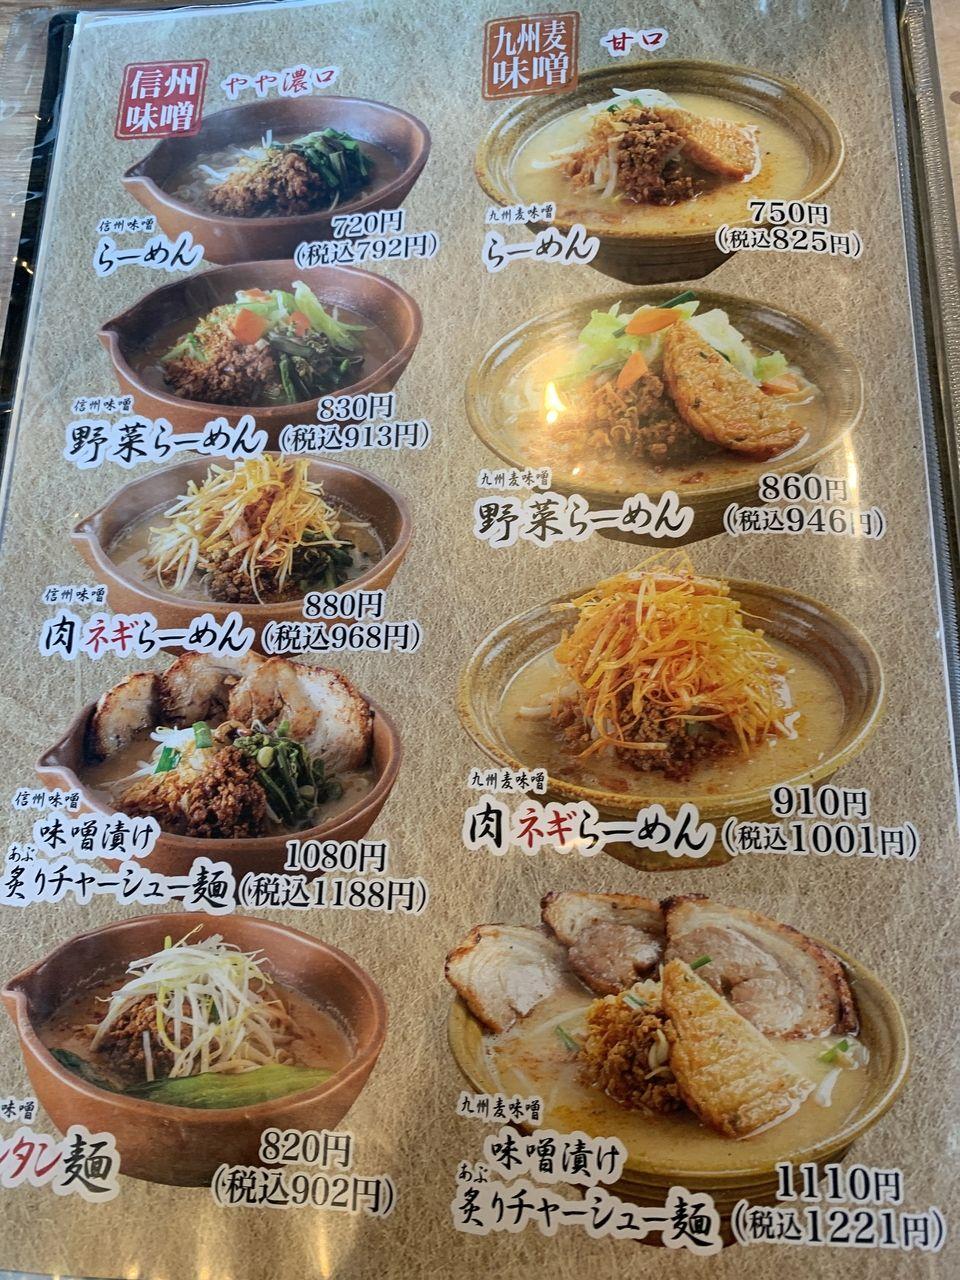 【久しぶりの食べ歩きブログ】流山市流山8丁目にある蔵出し味噌「麺場 田所商店 流山店」へ行ってきました!